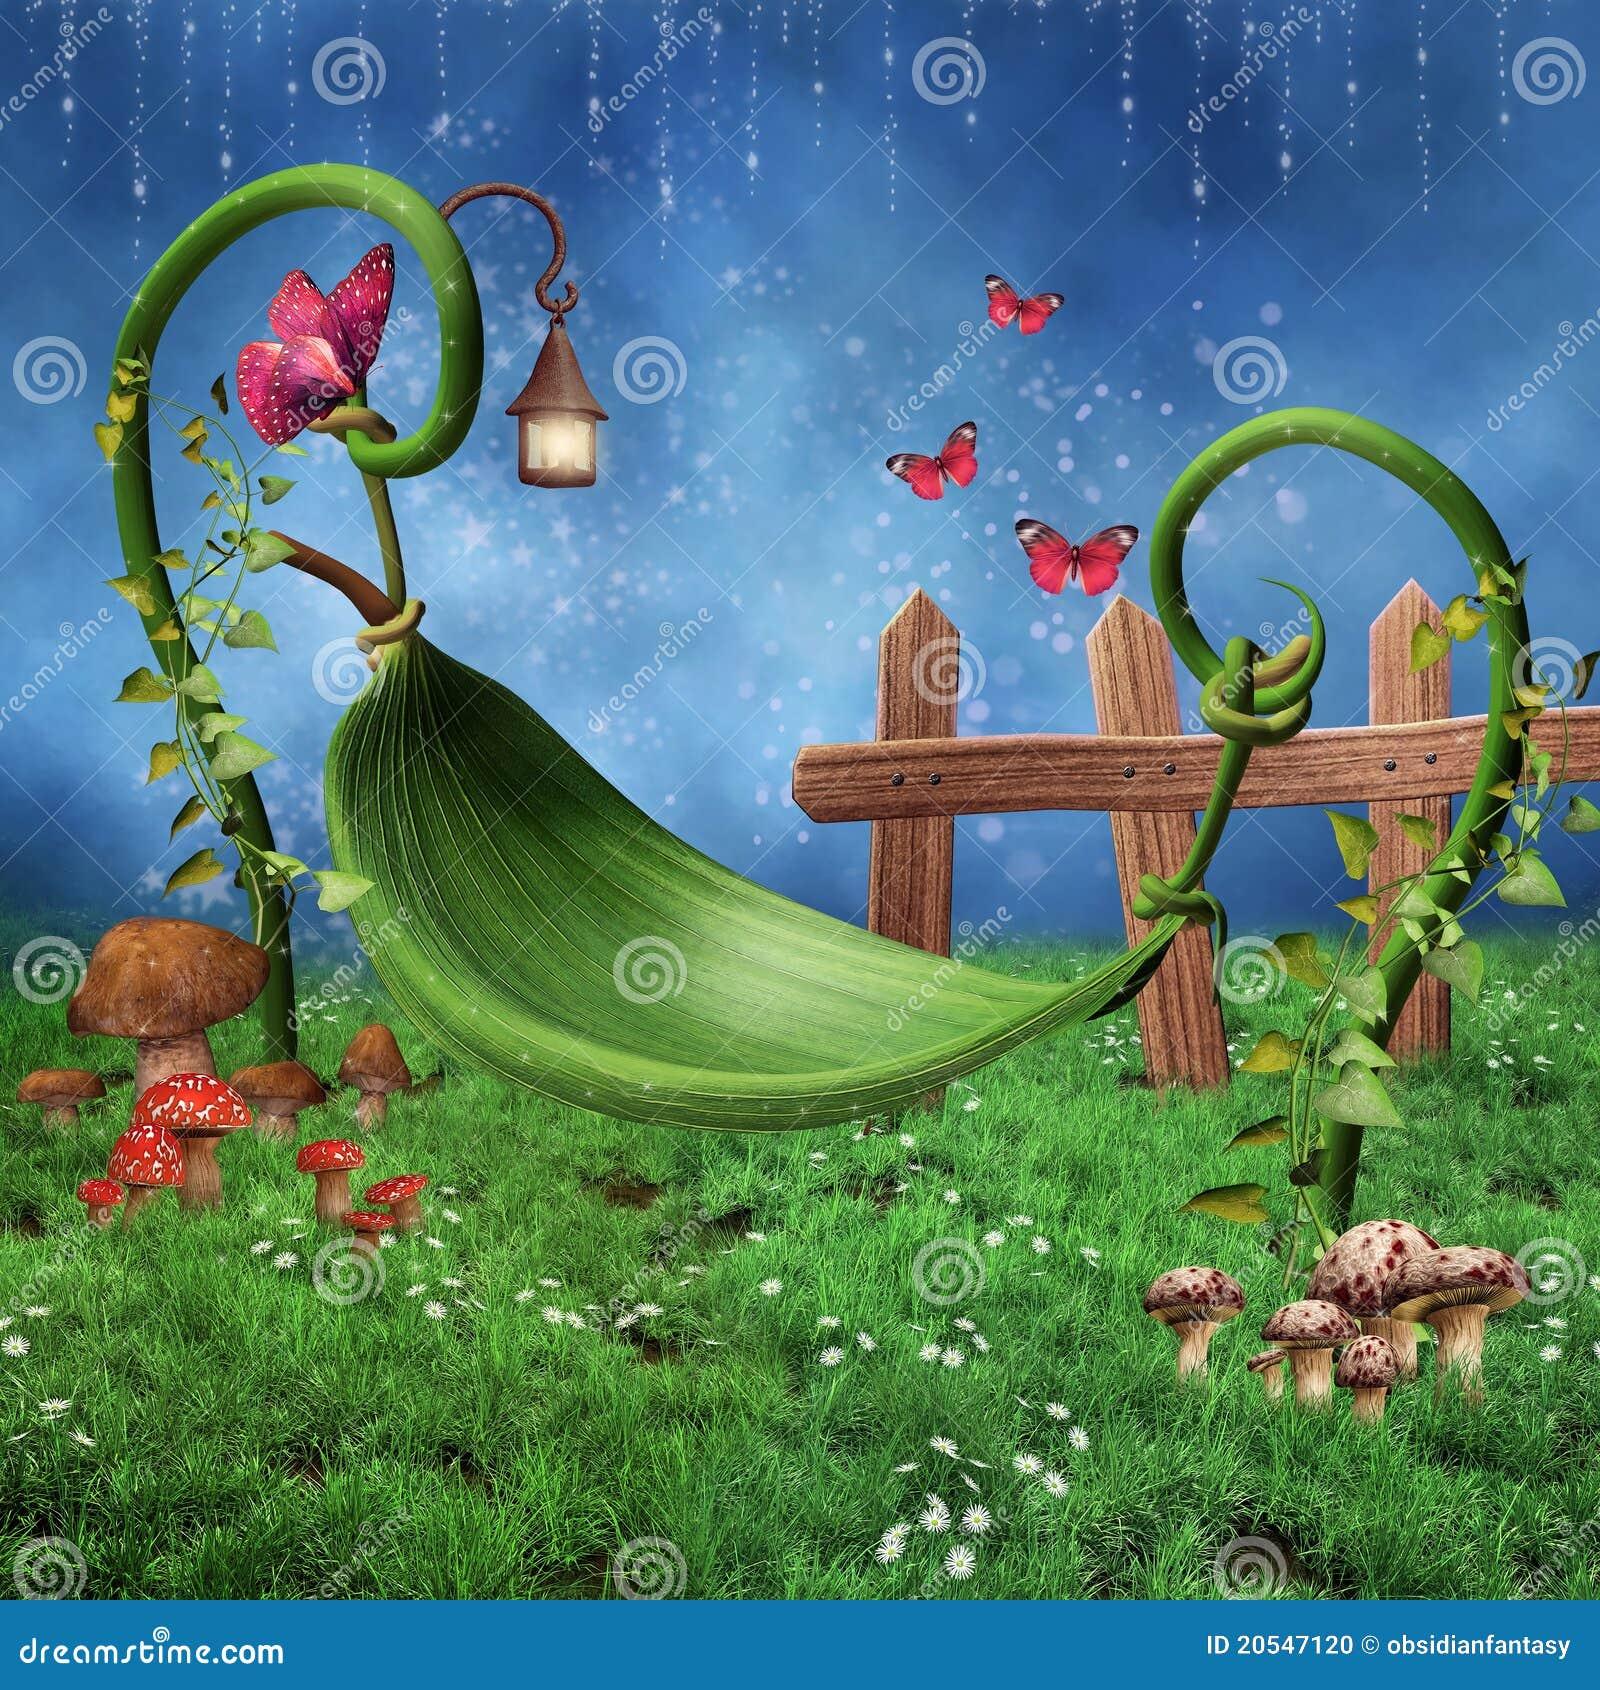 Un mundo de fantasia Hamaca-de-la-hoja-de-la-fantas%C3%ADa-20547120